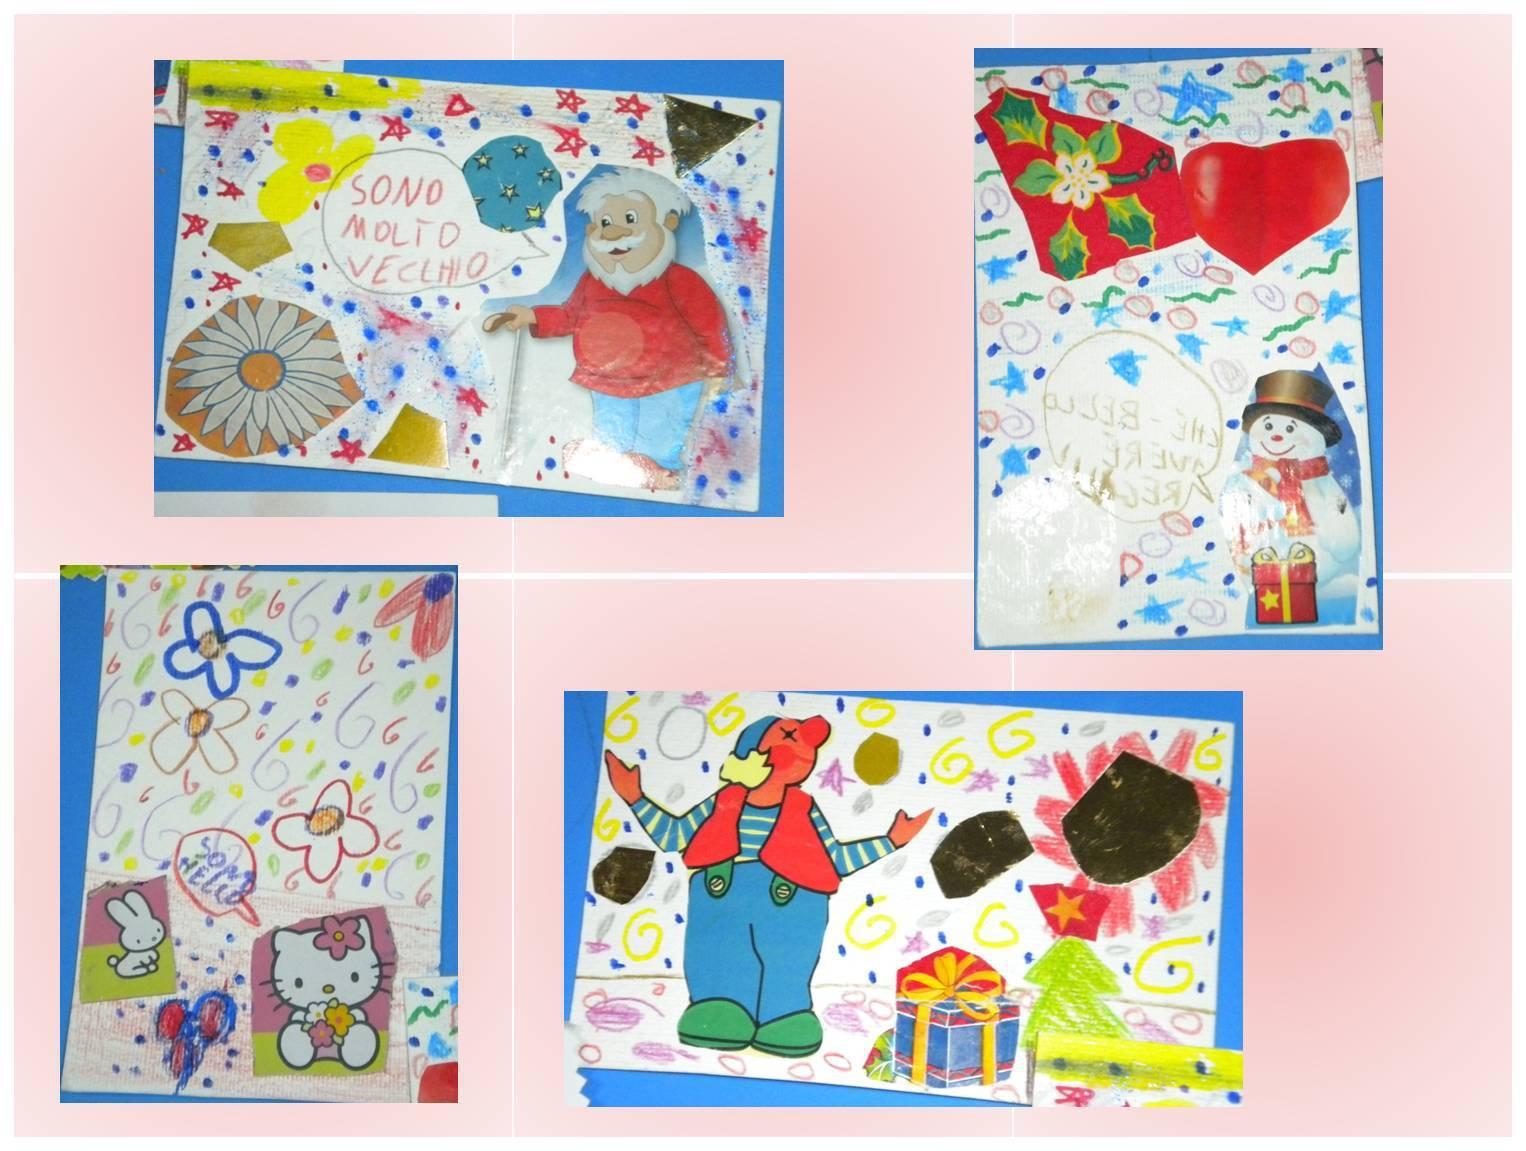 Bambini Creativi Una Lettera Per Babbo Natale La Mail Art